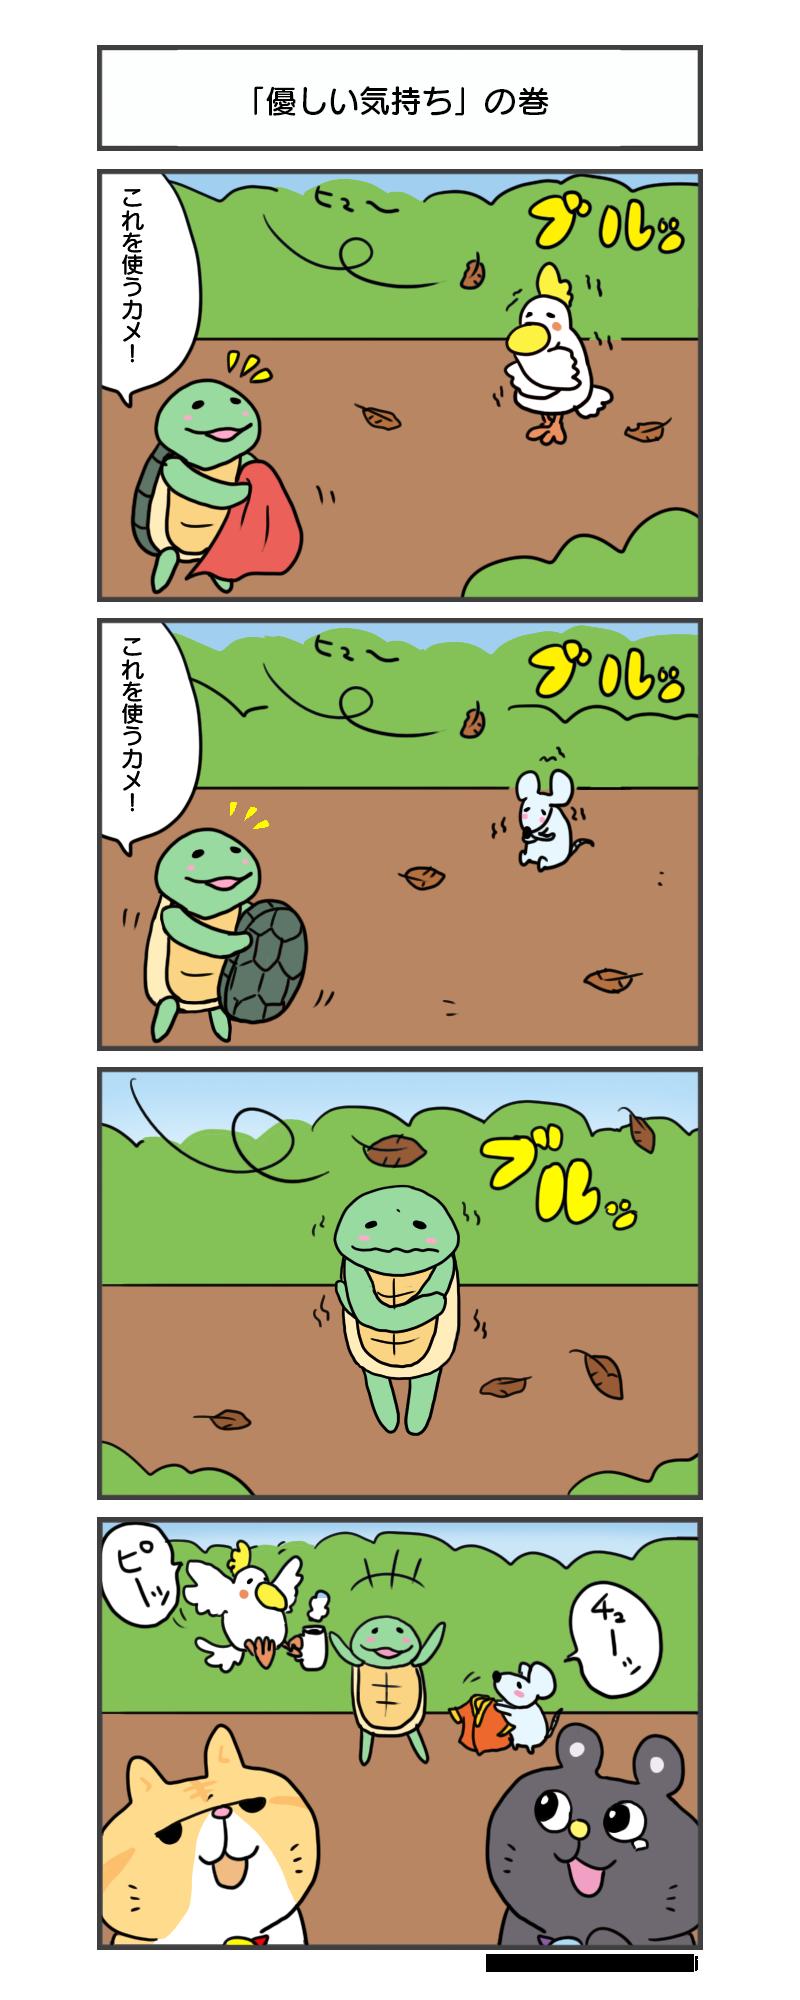 えきぞうmanga_vol319